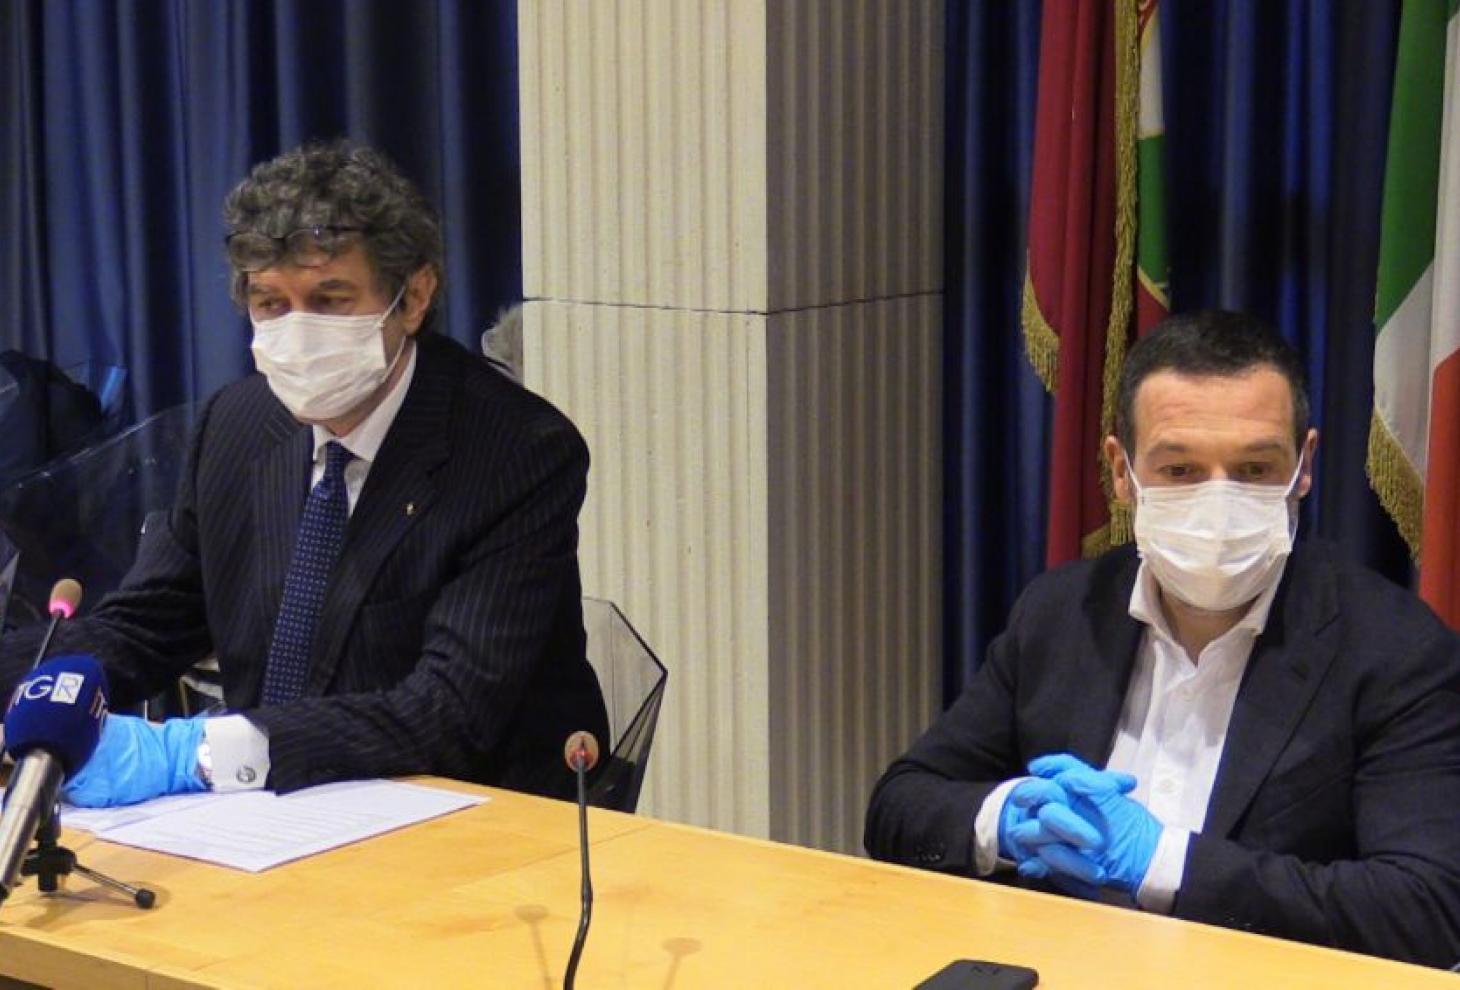 """Risorse incerte e illegittimità, il Consiglio dei Ministri impugna la Cura Abruzzo 1.  Paolucci: """"Logica conseguenza dei modi arroganti del Governo regionale"""""""